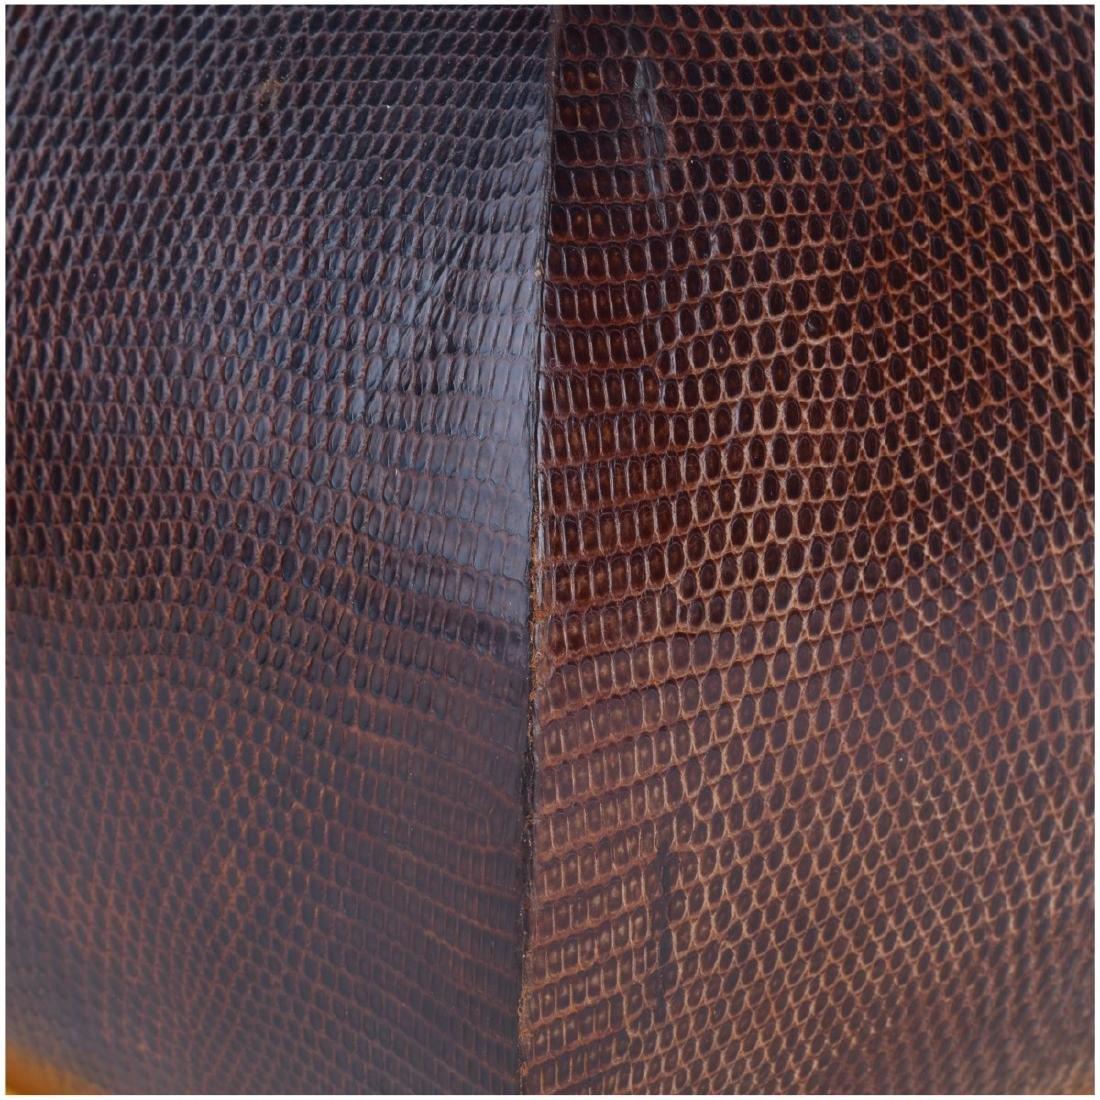 Pair of Nicholas Mongiardo Lizard Skin Planters - 3